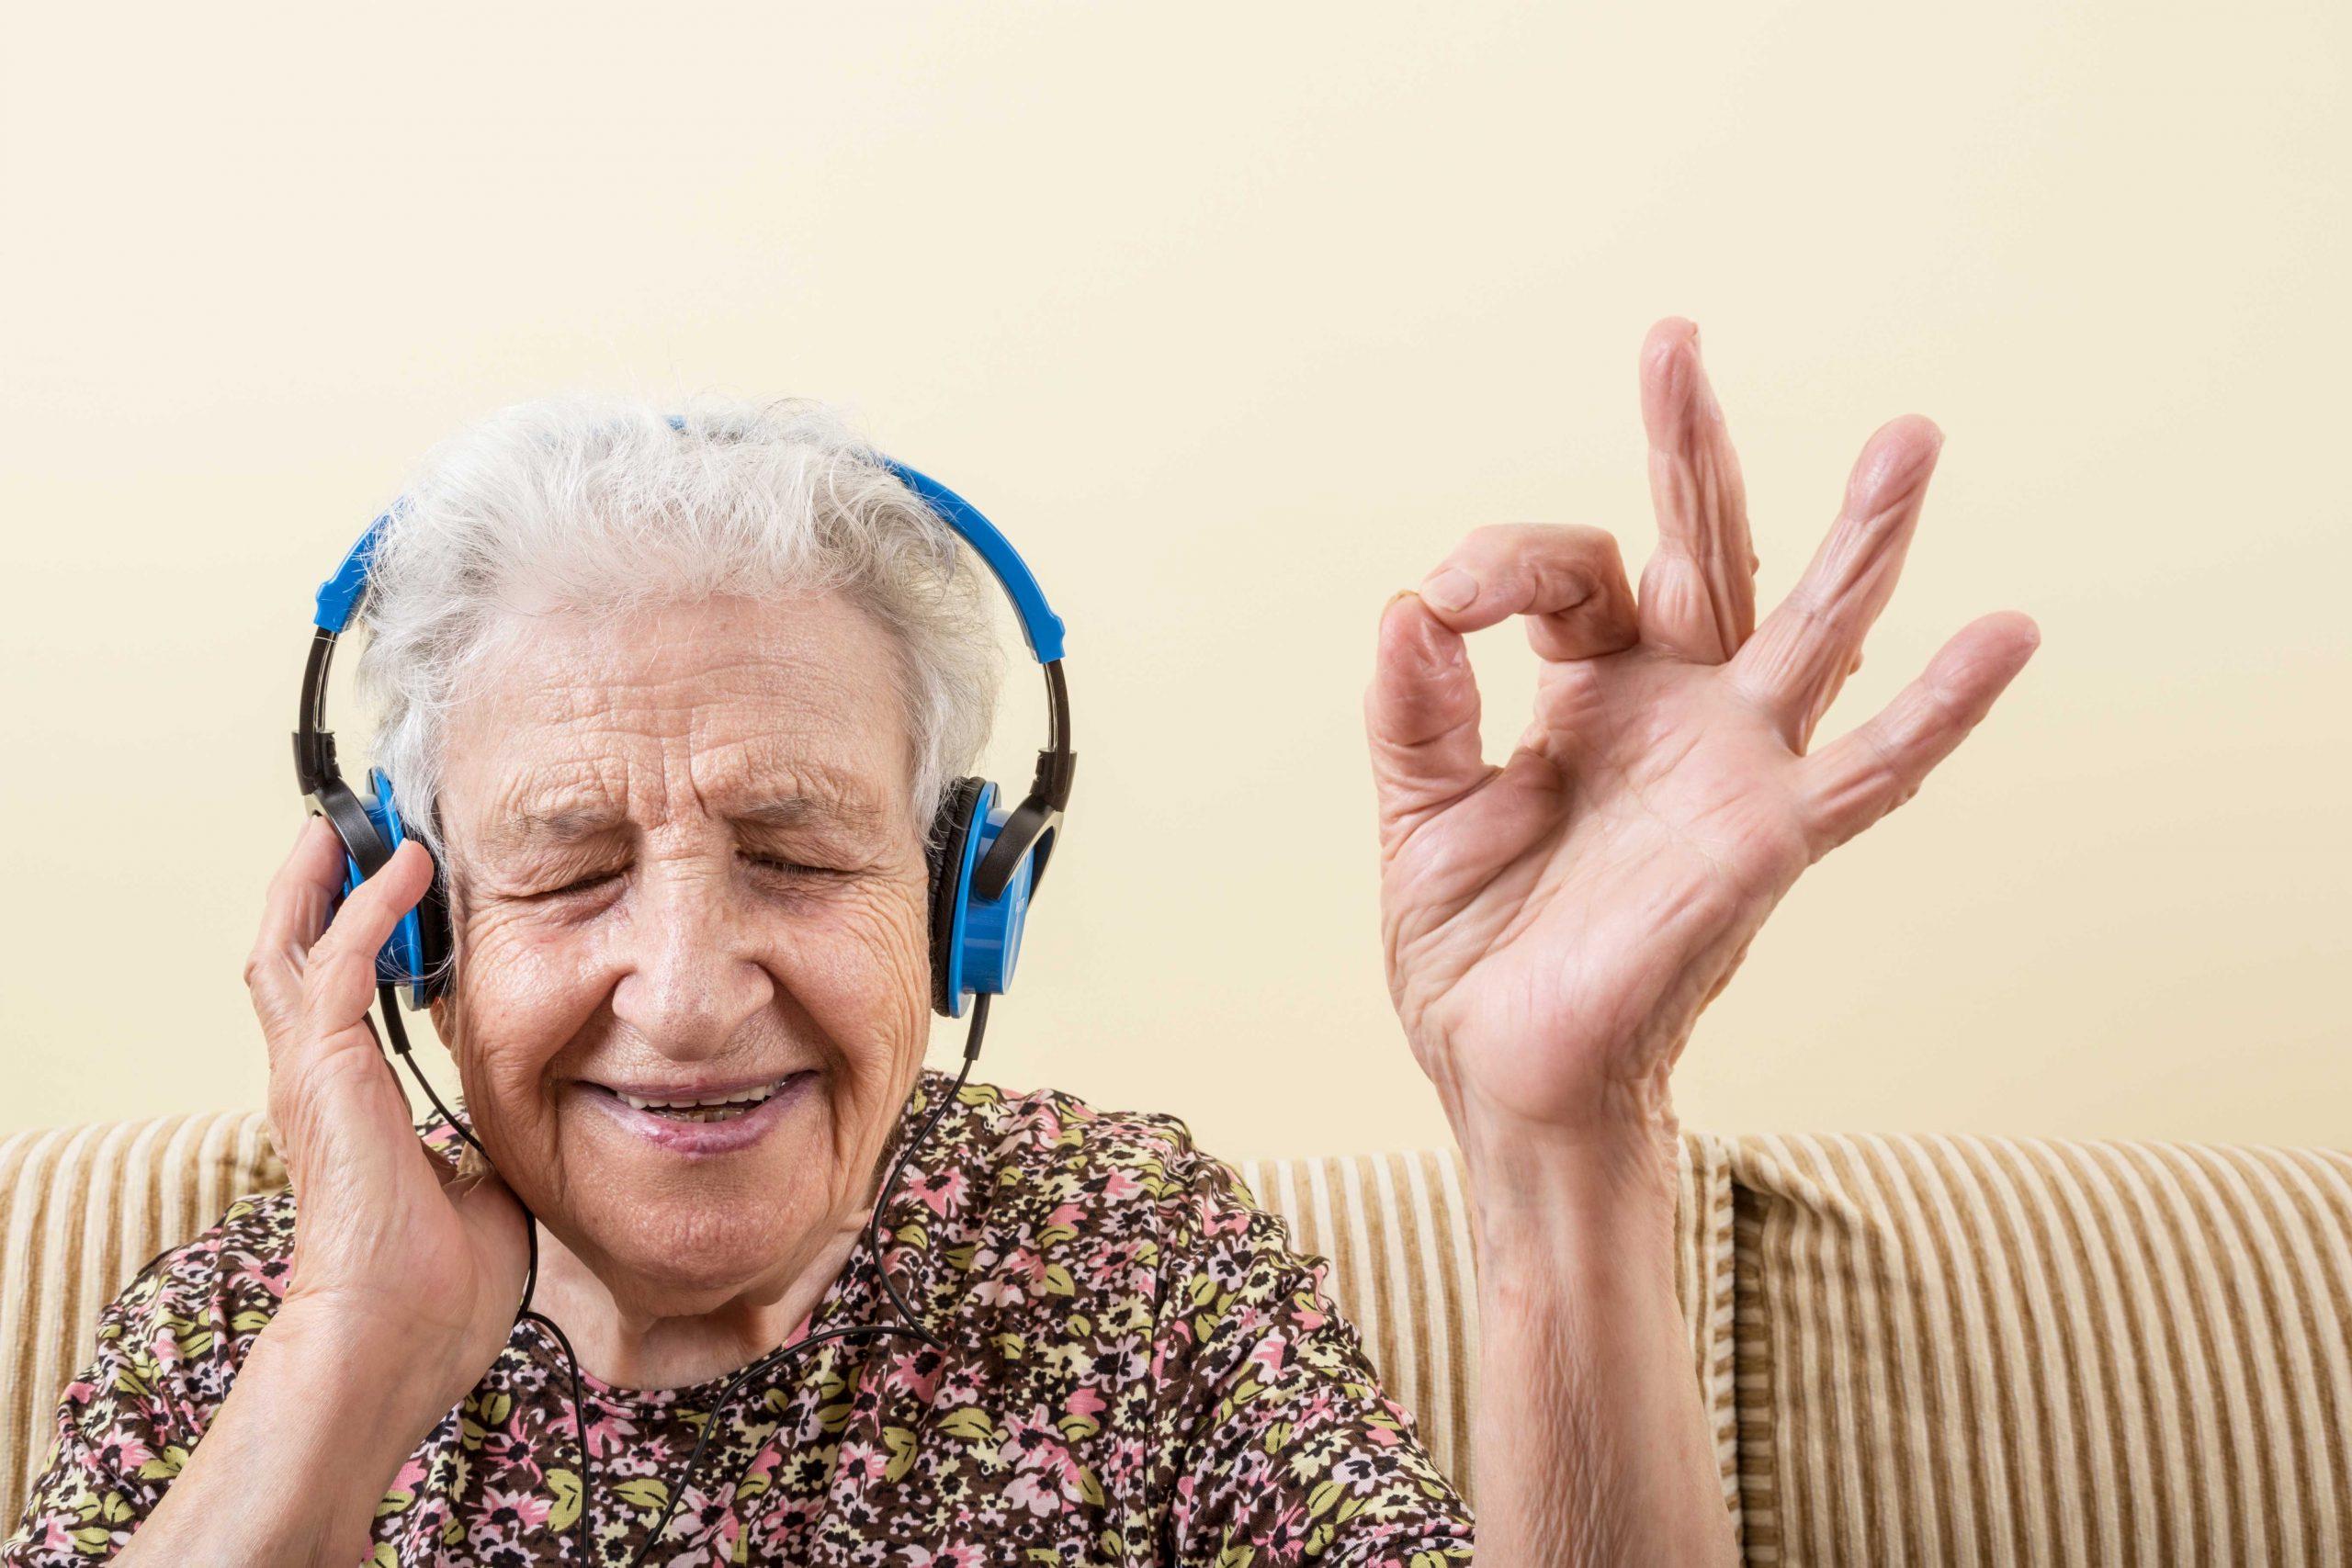 older woman enjoying hearing music